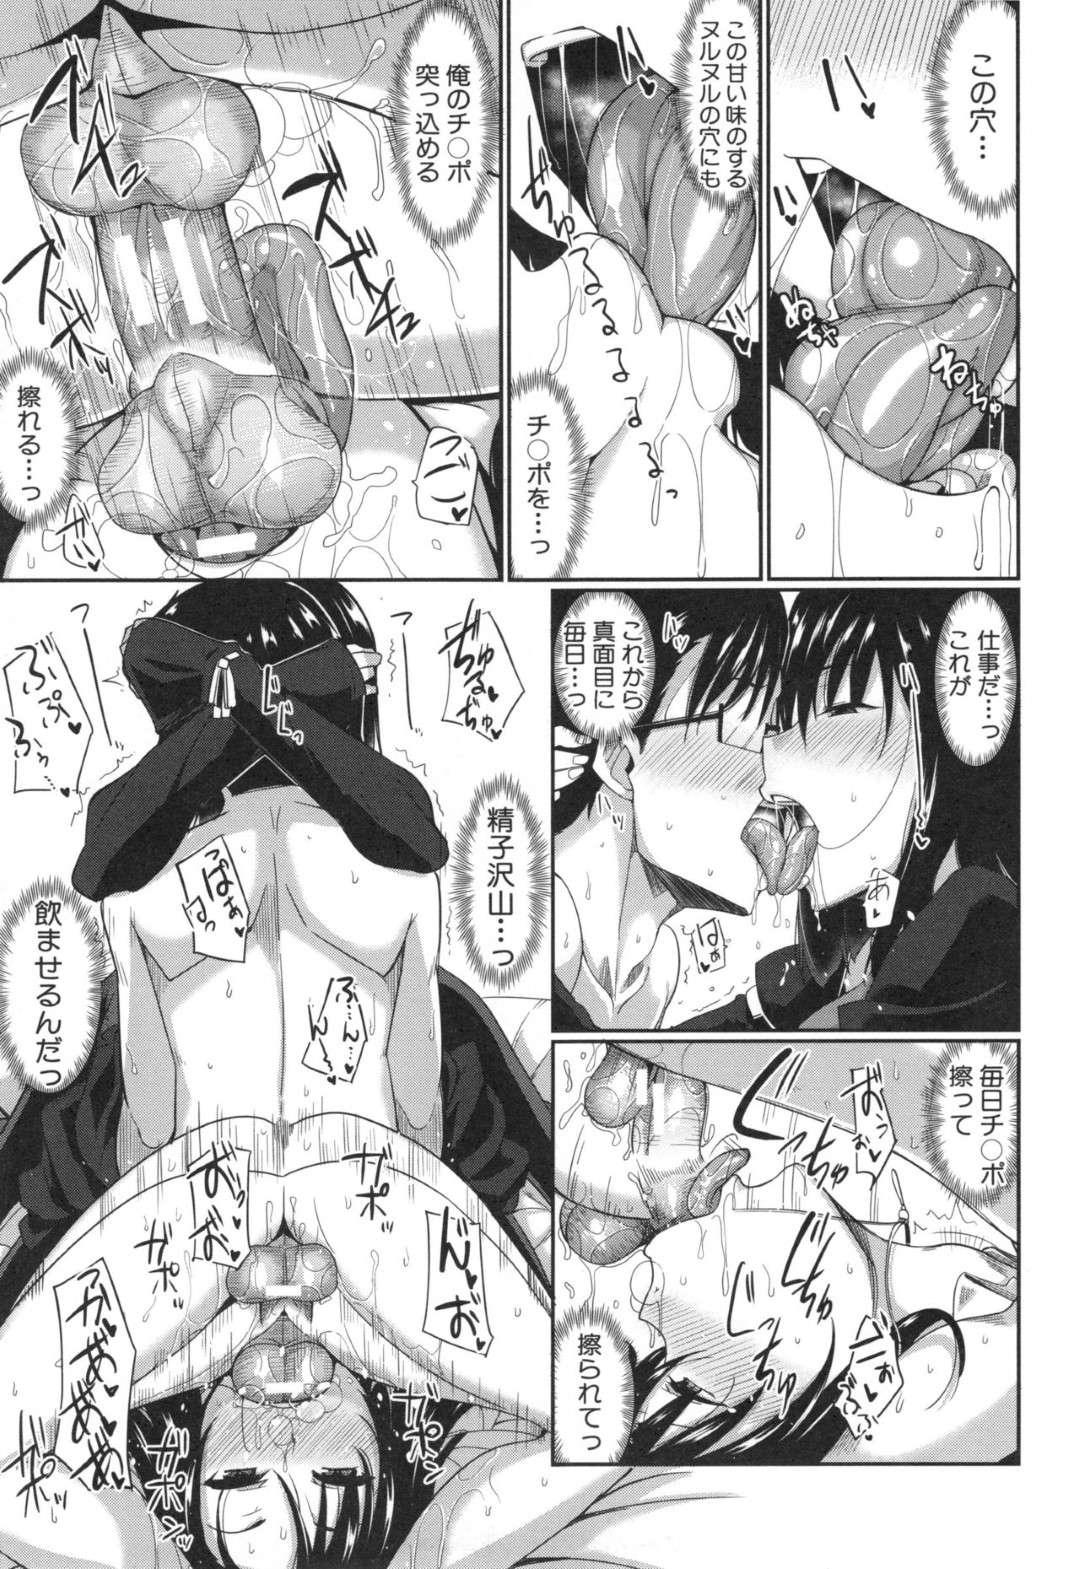 【エロ漫画】人間の男を性処理道具として雇った2人の淫乱な淫魔のお姉さん…彼女たちは彼を家に迎え入れてはダブルフェラしたり、中出しセックスしたりして精子を搾り取りまくる!【Fue:淫魔のミカタ!~タダより高いモノは無い~】